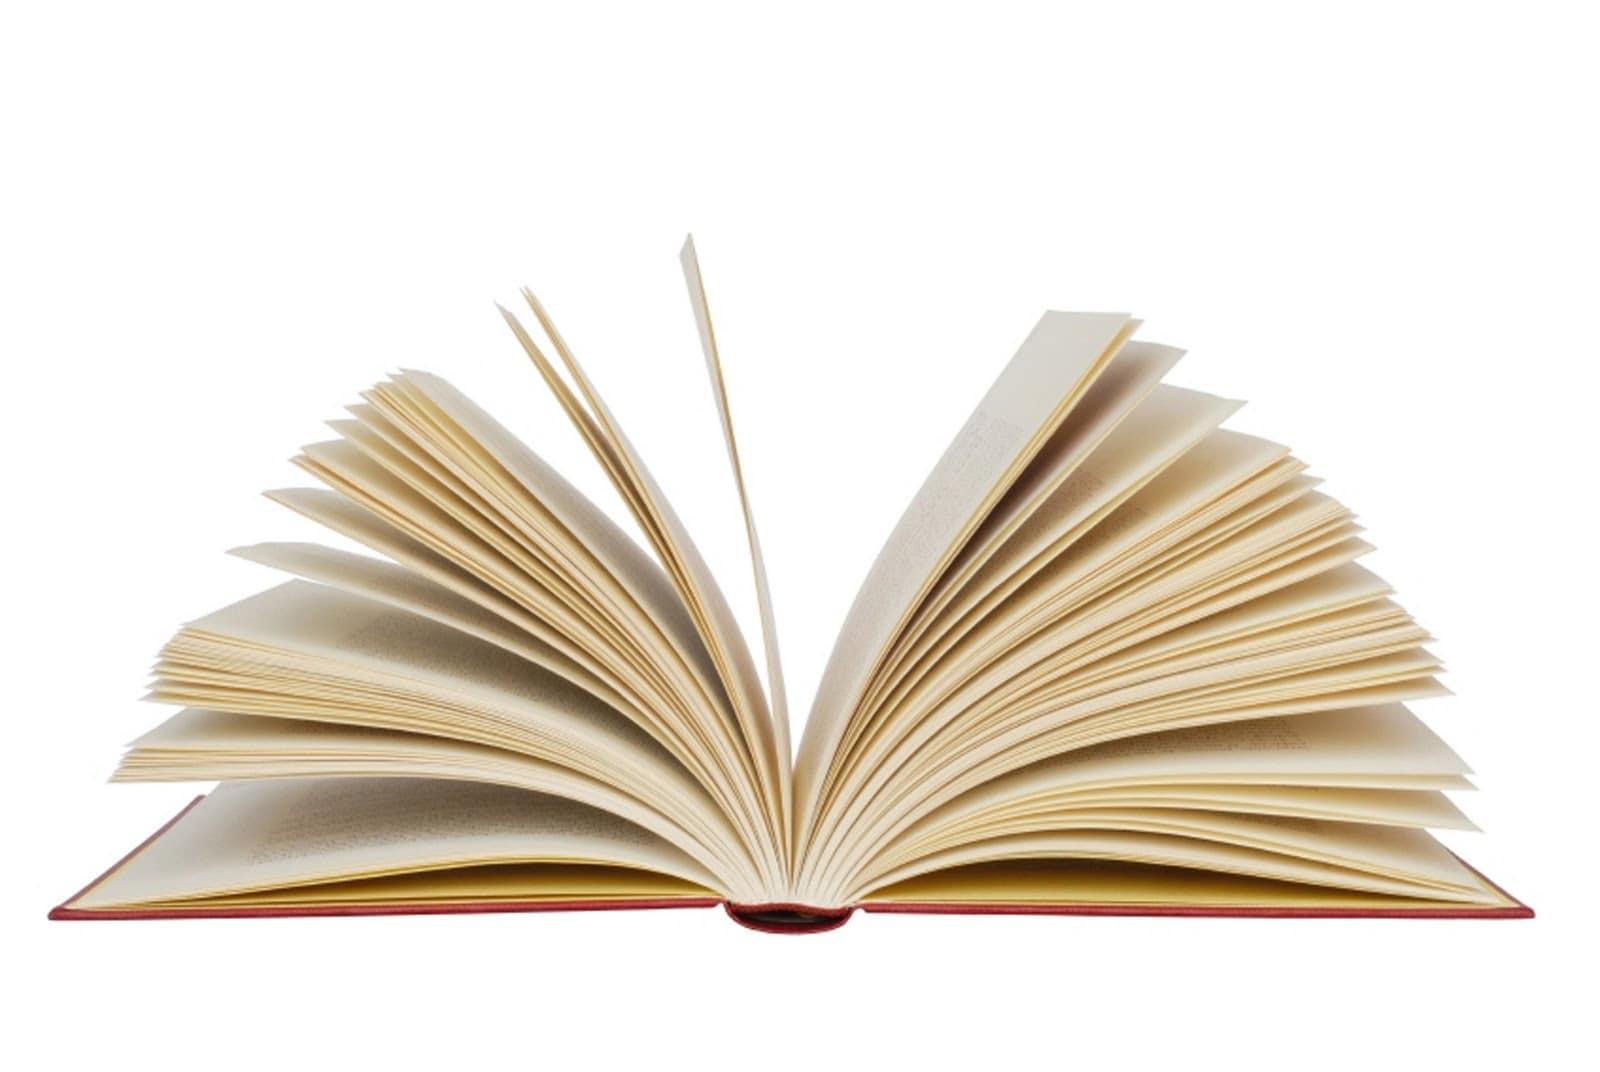 کتاب ترجمه شده